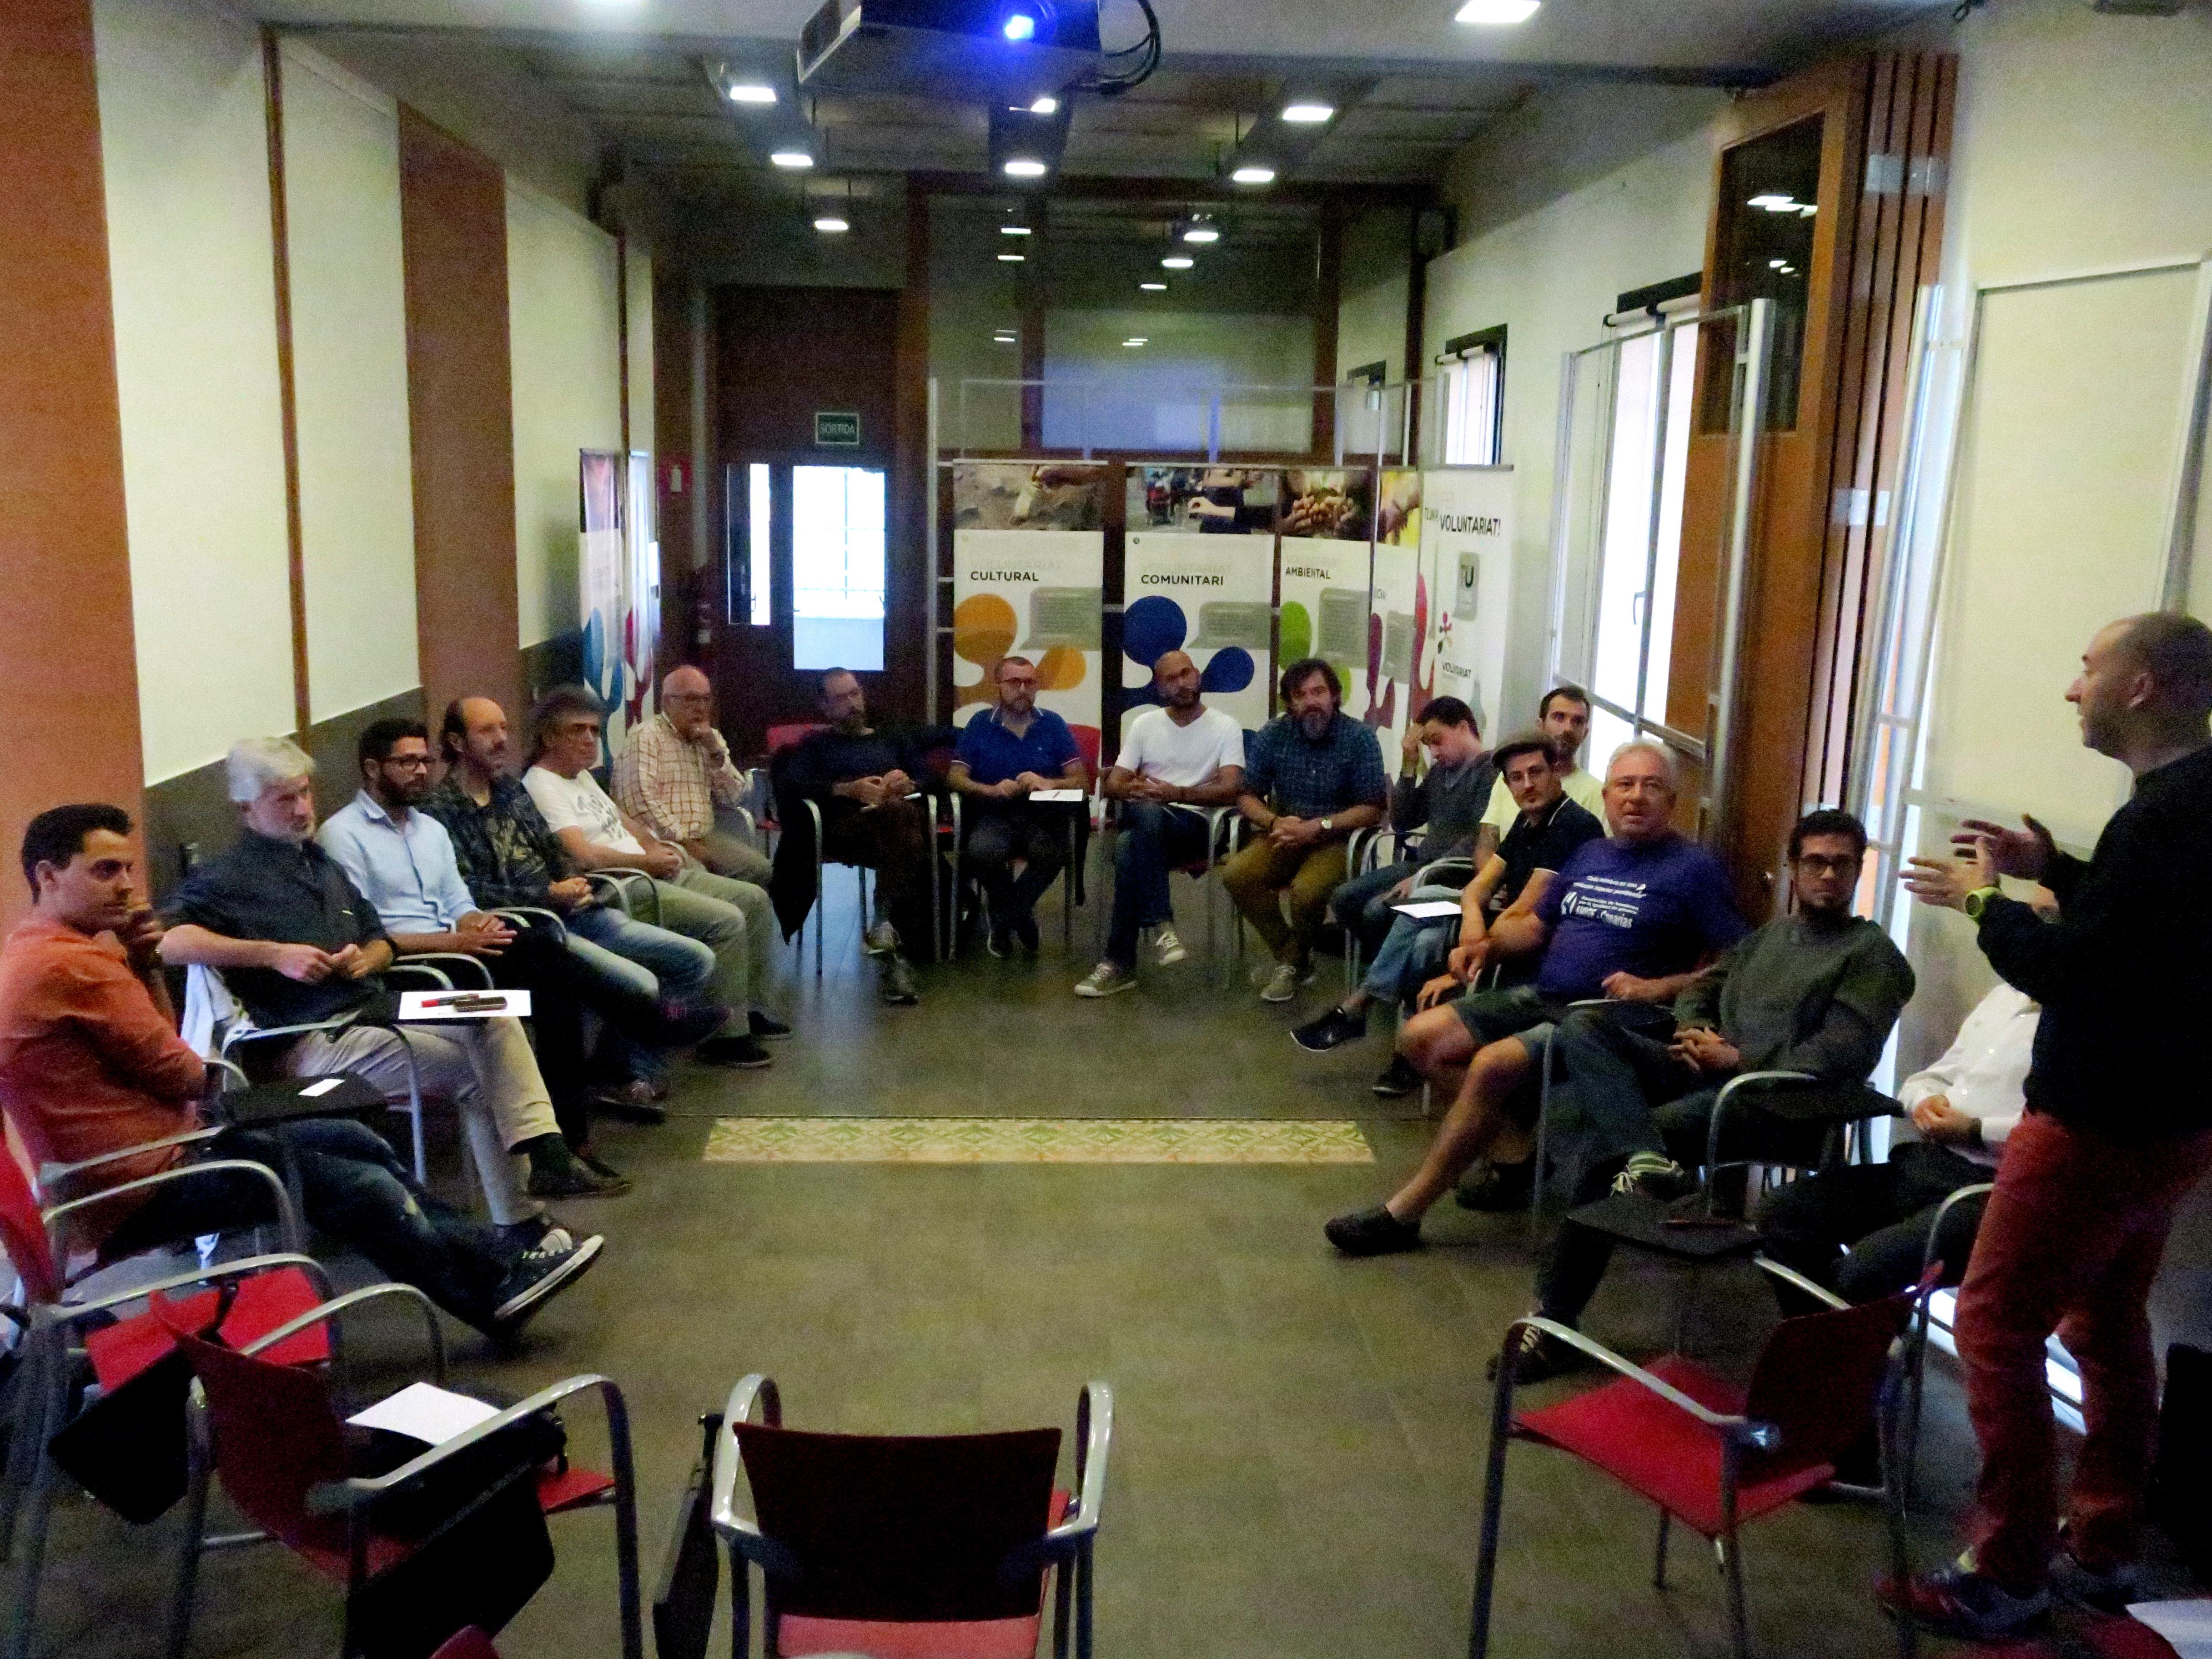 La Trobada Catalana d'Homes per la Igualtat es va fer dissabte a Can Jonch